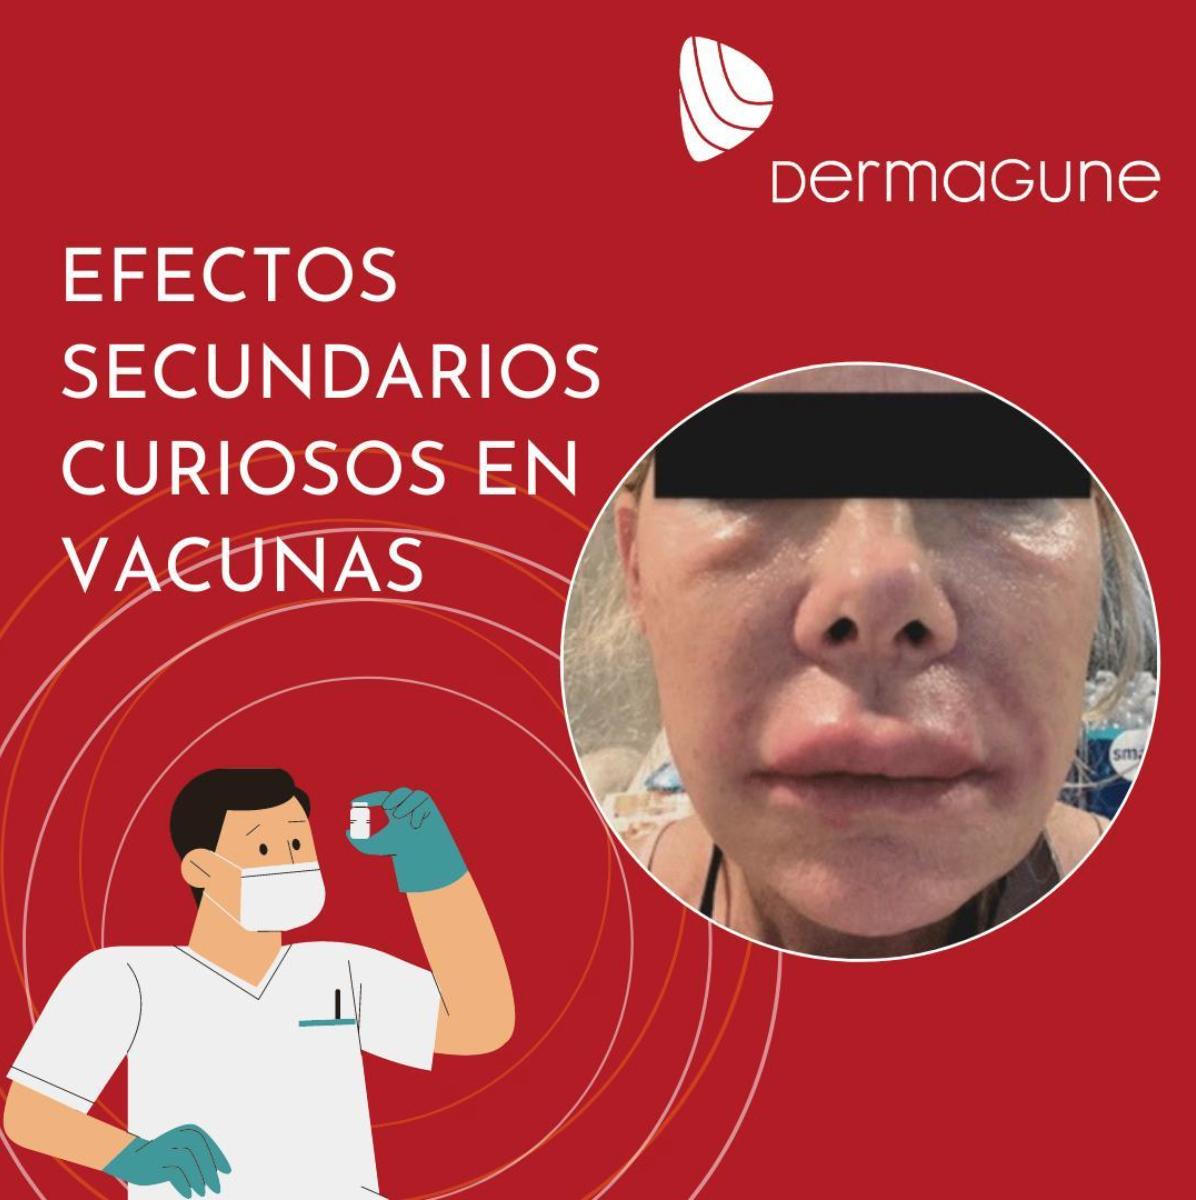 efectos-secundarios-curiosos-en-vacunas.png